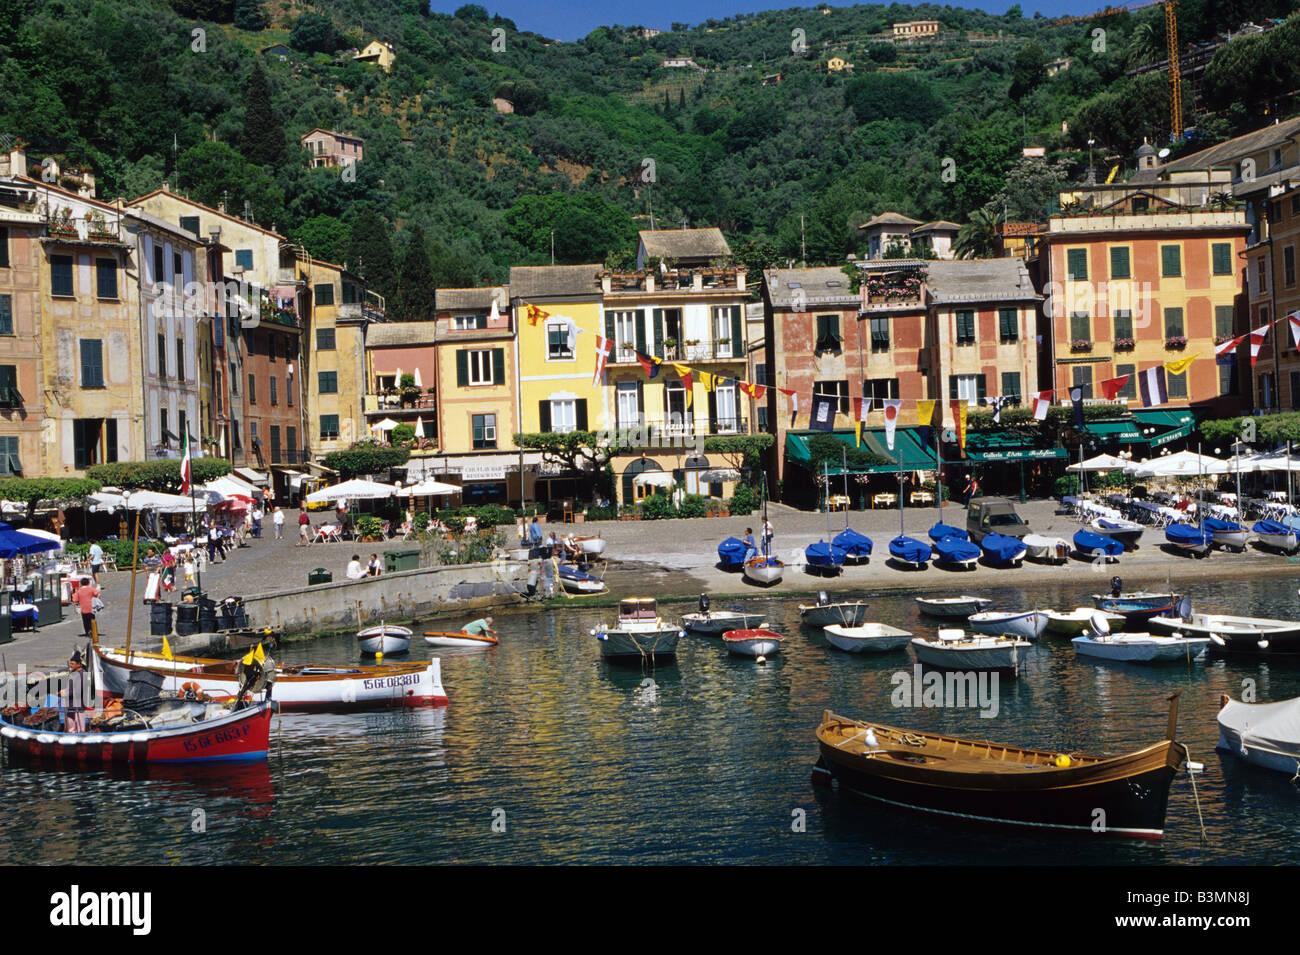 Italy Portofino The picturesque town of Portofino south of Genoa - Stock Image